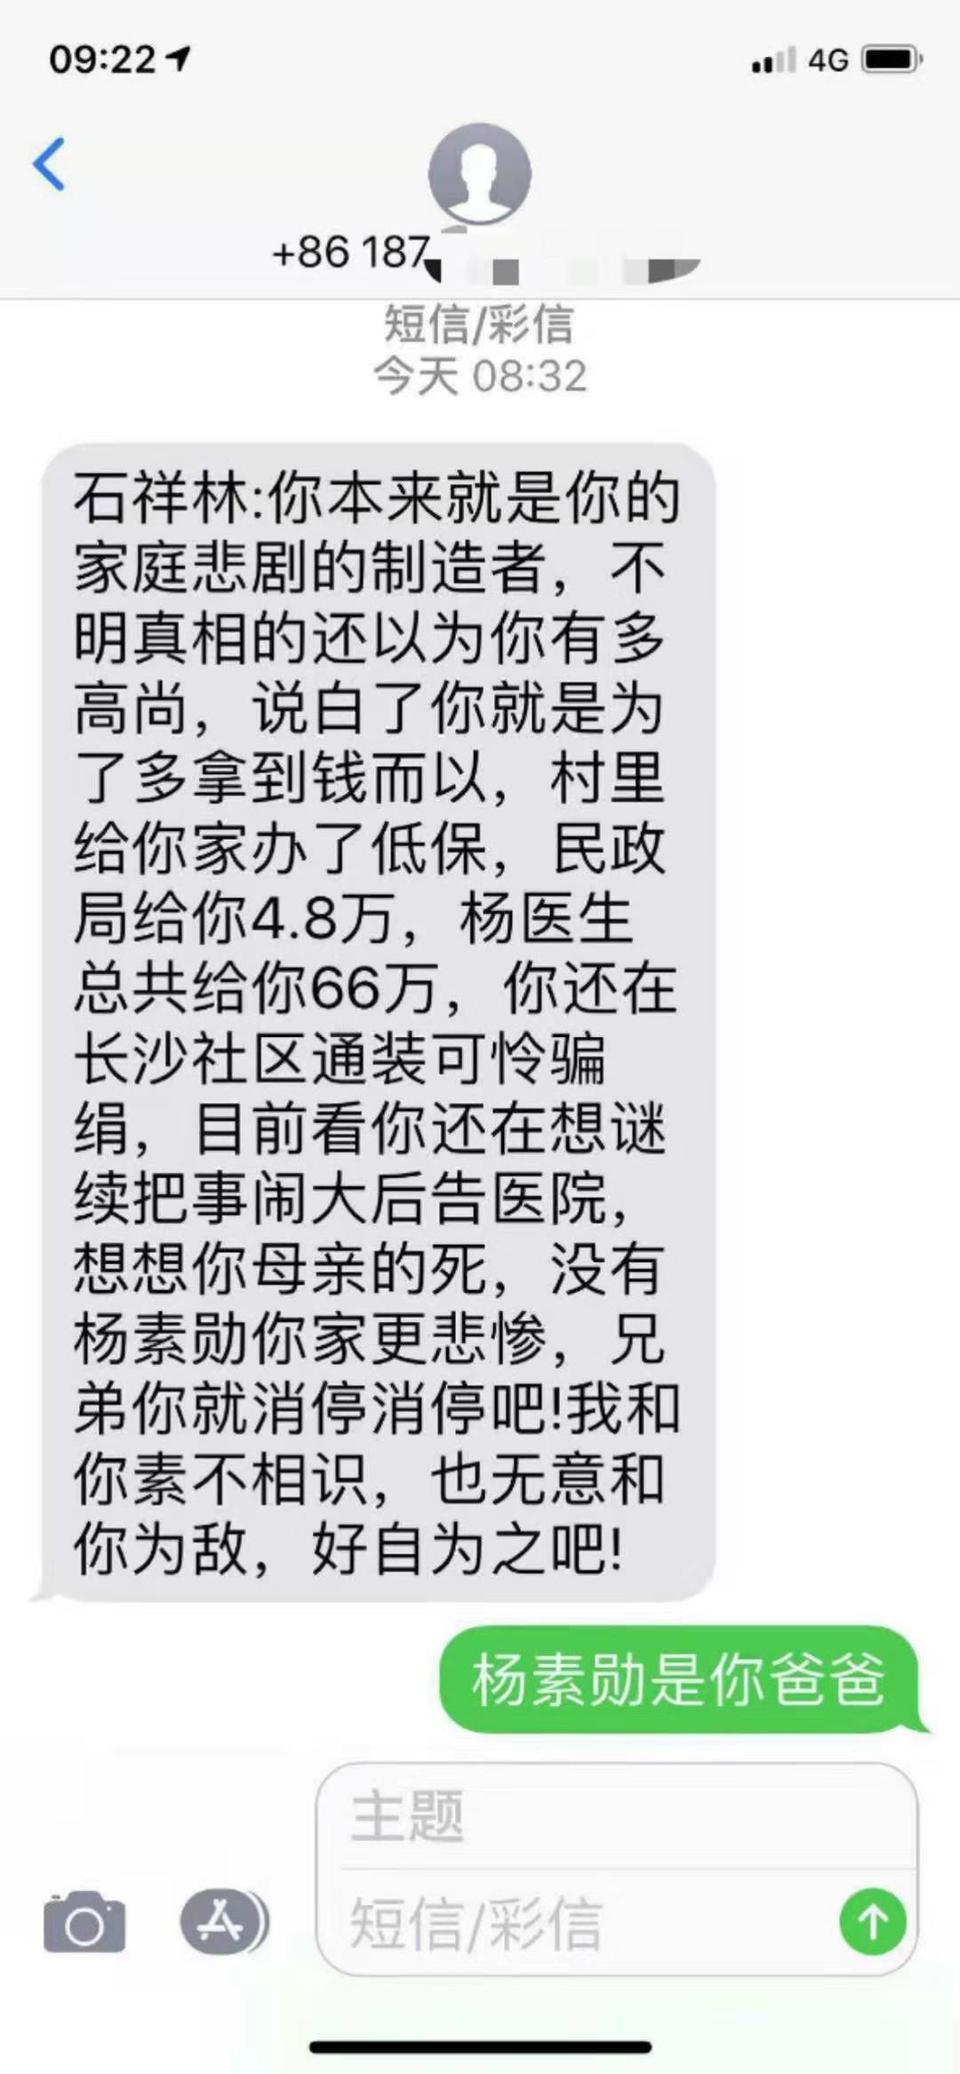 """安徽""""器官假捐""""事件家属收到""""恐吓""""短信?当事人:只是想劝劝他"""